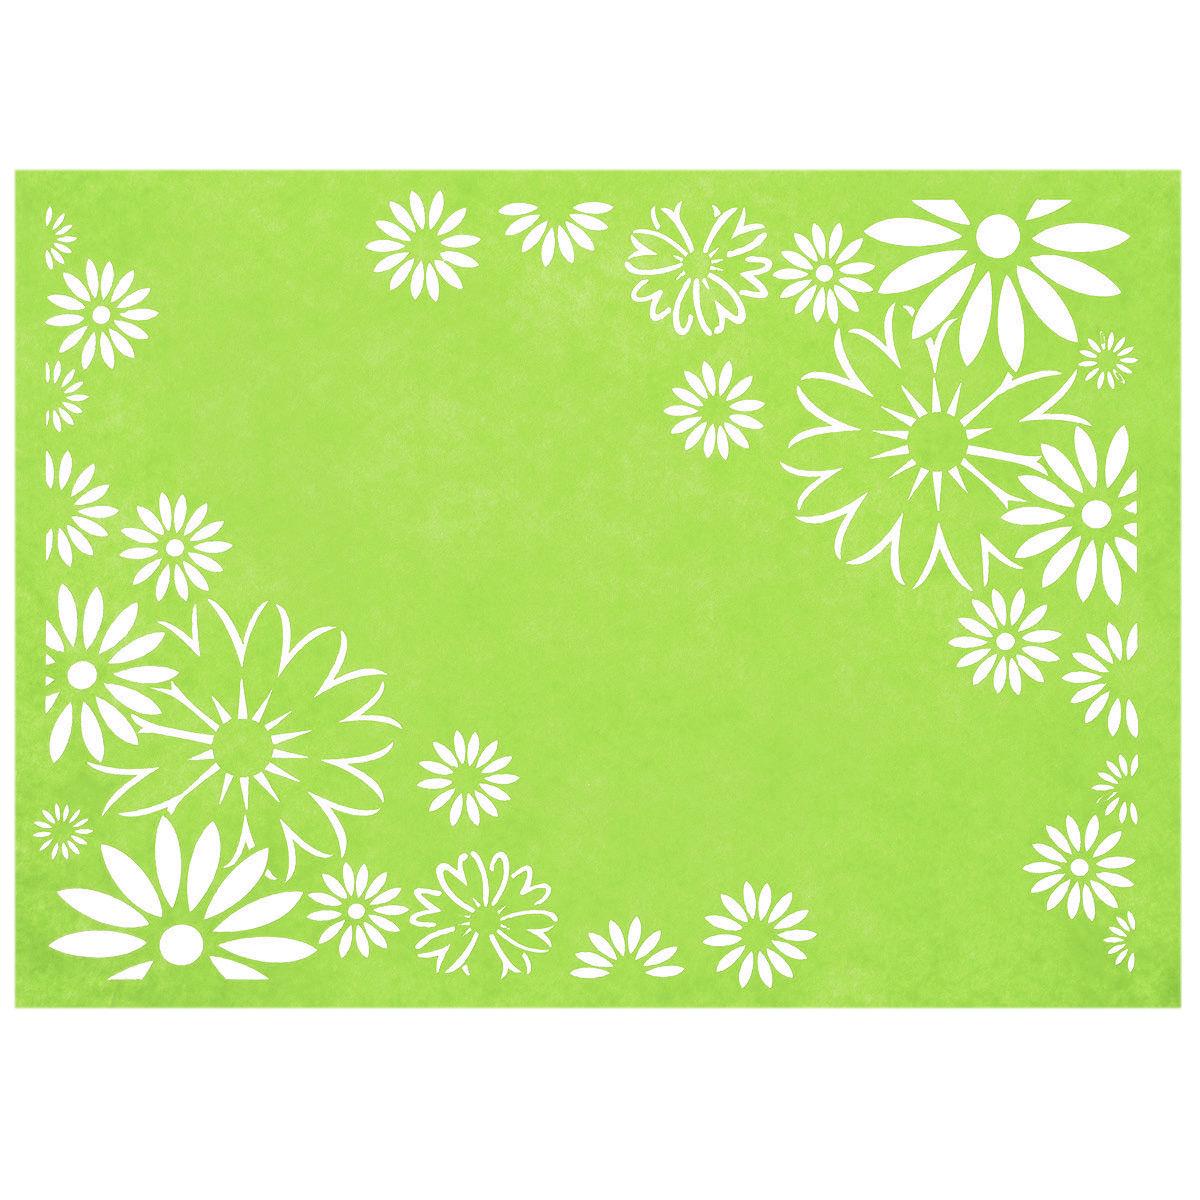 Салфетка Home Queen Лучезарность, цвет: зеленый, 30 х 40 х 0,2 см66844_2Прямоугольная салфетка Home Queen Лучезарность выполнена из фетра и оснащена красивой перфорацией в виде цветов. Вы можете использовать салфетку для декорирования стола, комода, журнального столика. В любом случае она добавит в ваш дом стиля, изысканности и неповторимости и убережет мебель от царапин и потертостей. Размер салфетки: 30 см х 40 см х 0,2 см.